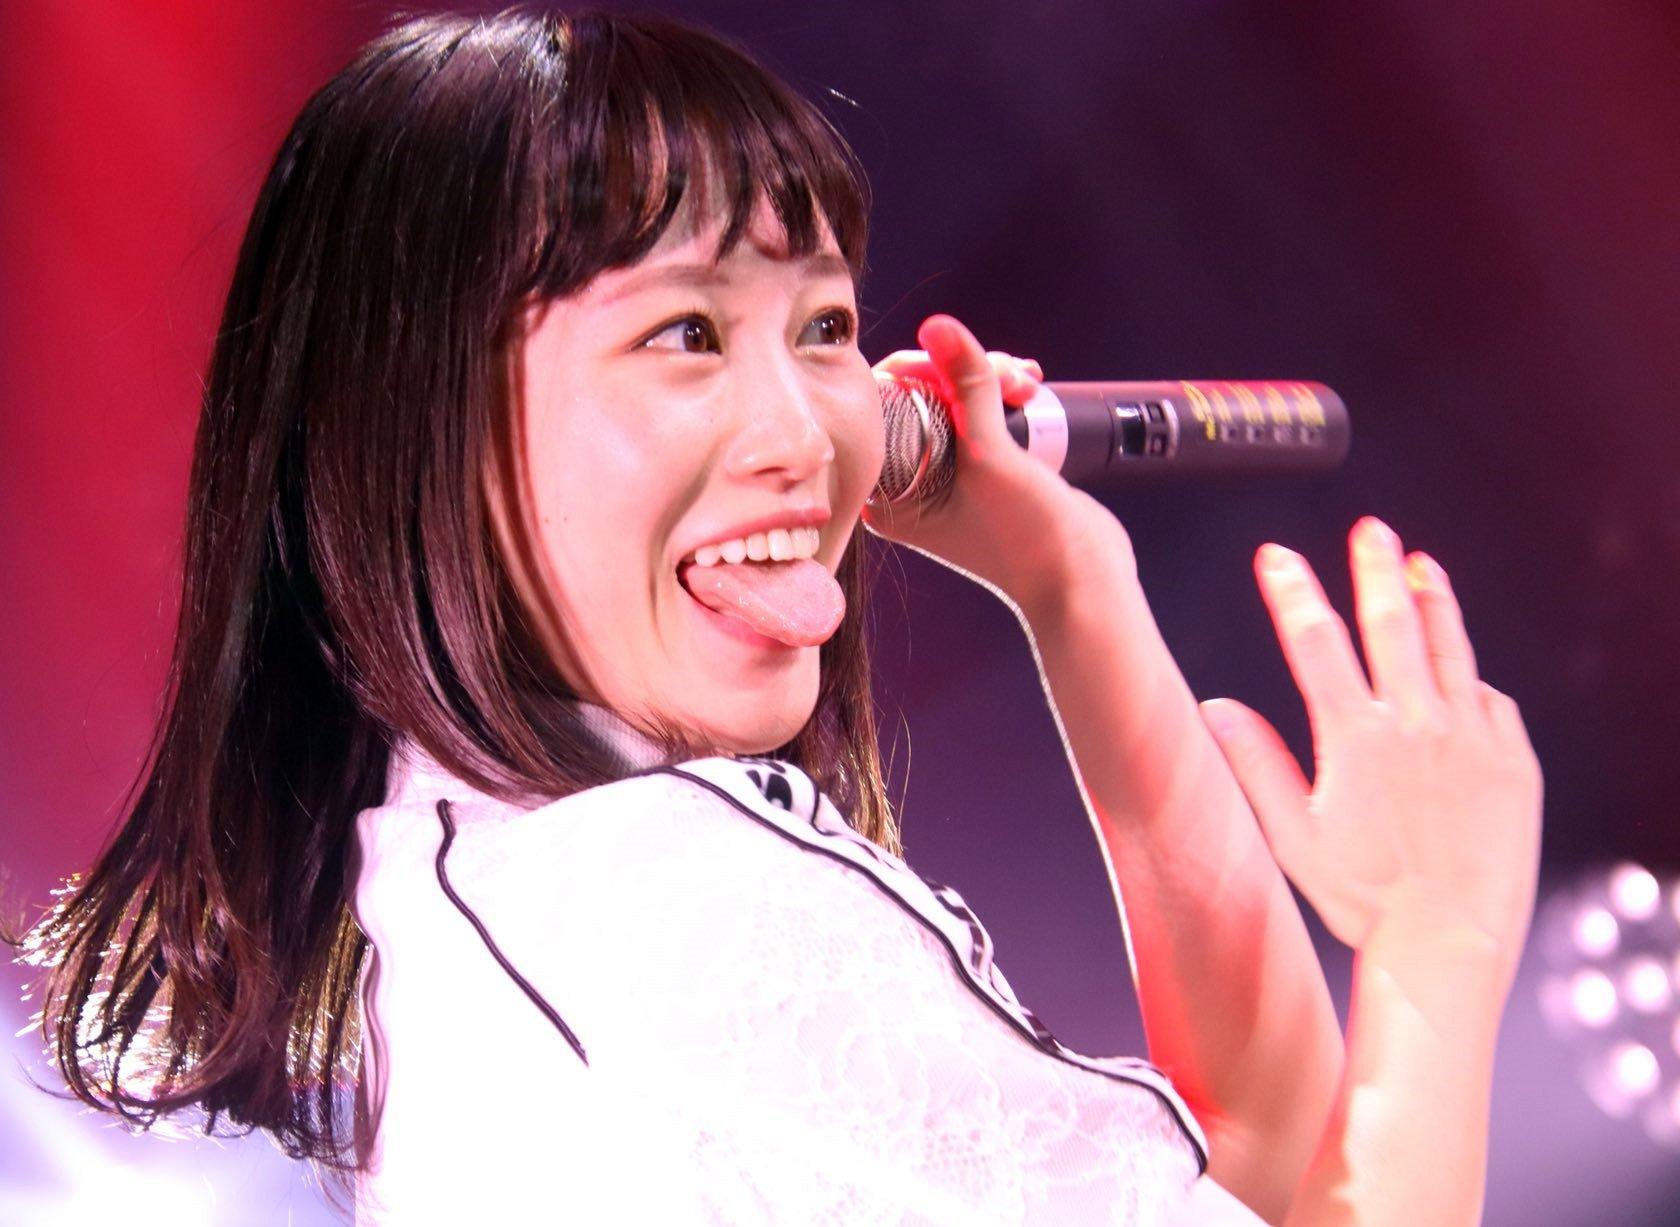 佐藤遥の舌出し (30)